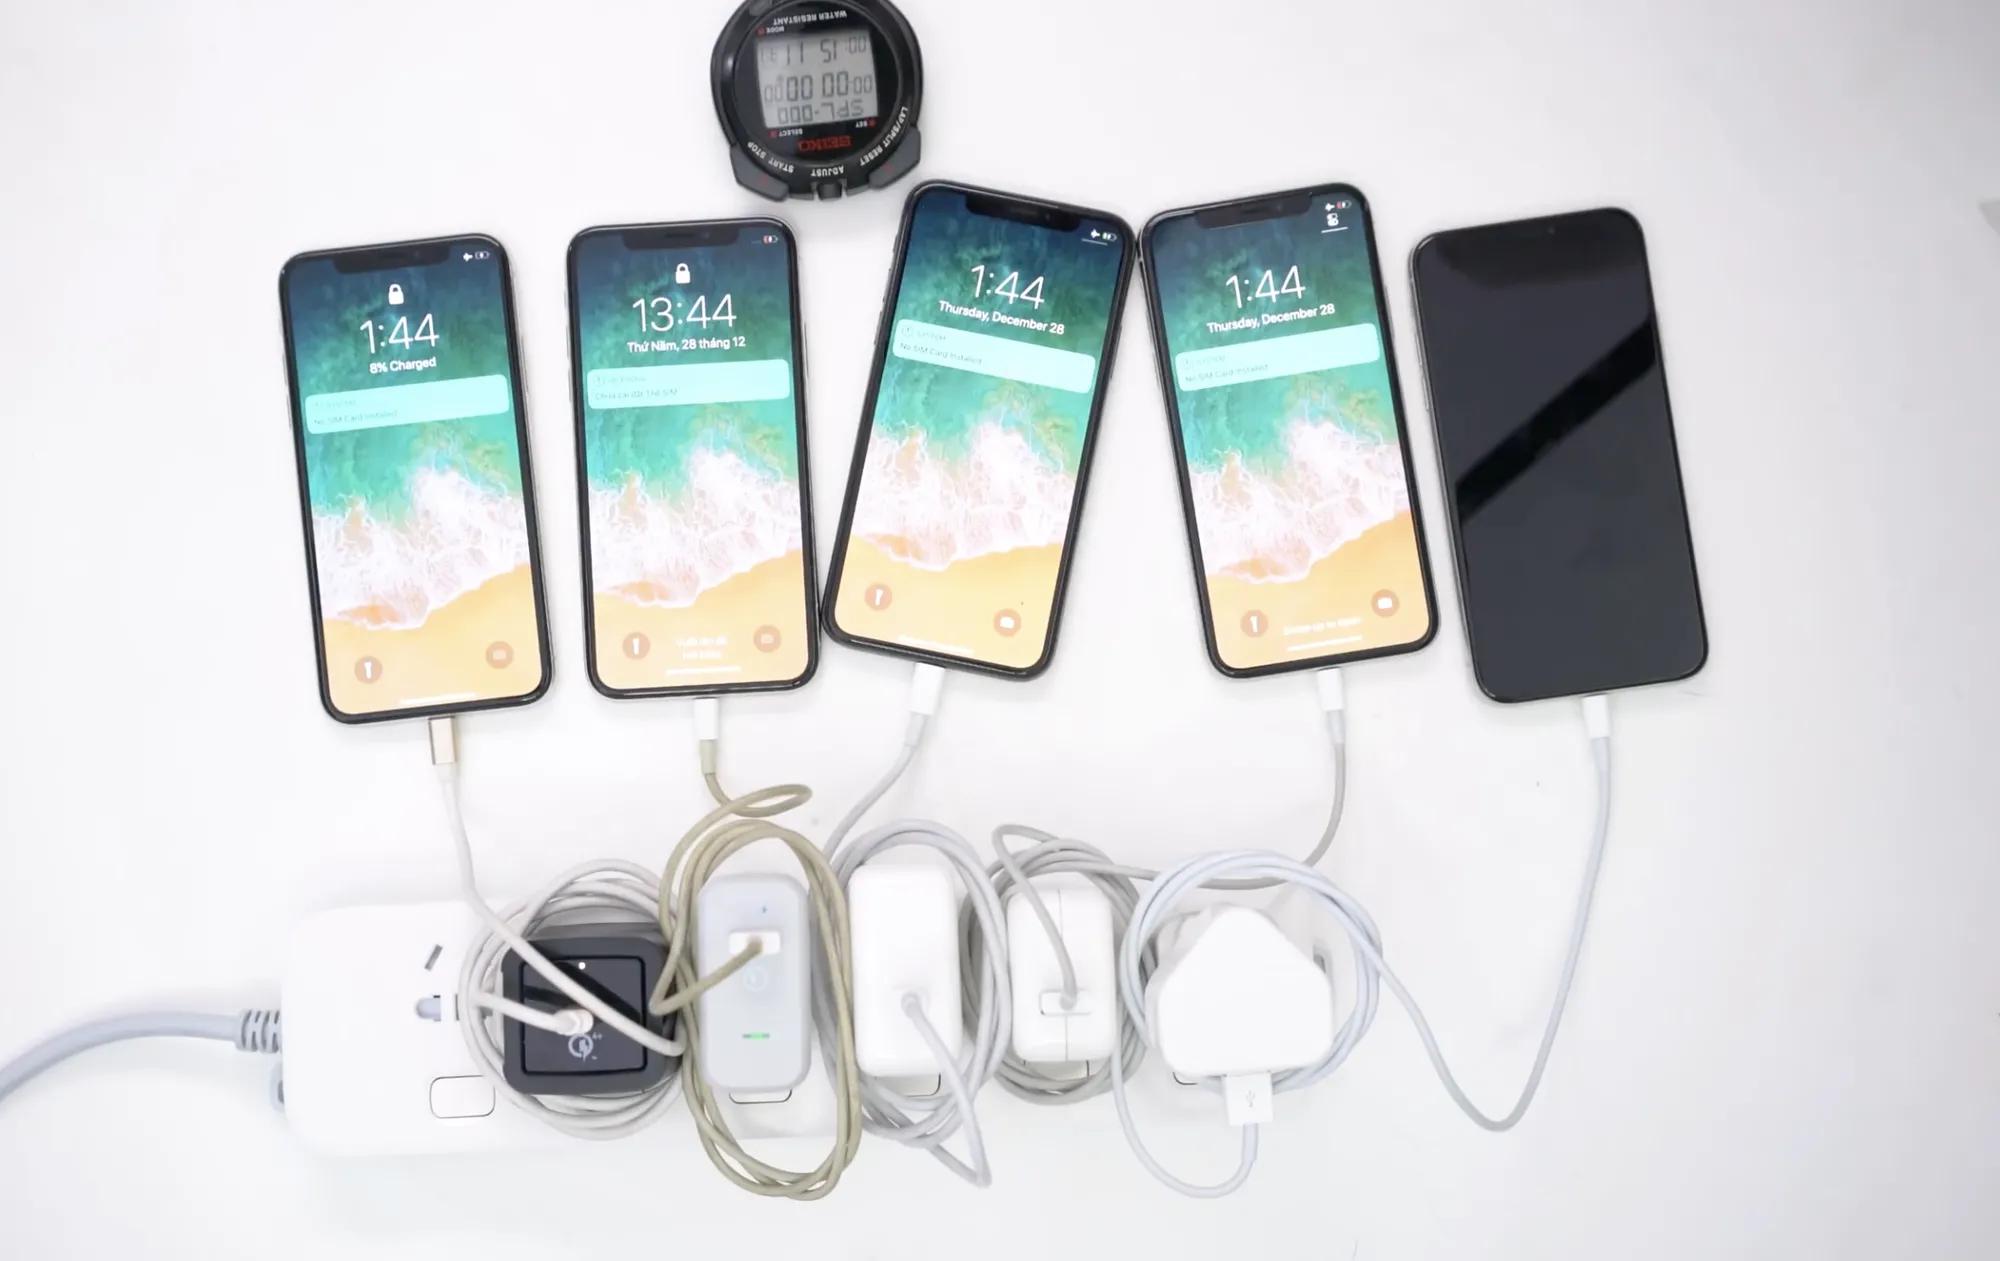 pin iphone x sac bao lau thi day 3 Bạn đã biết pin iphone X sạc bao lâu thì đầy chưa?